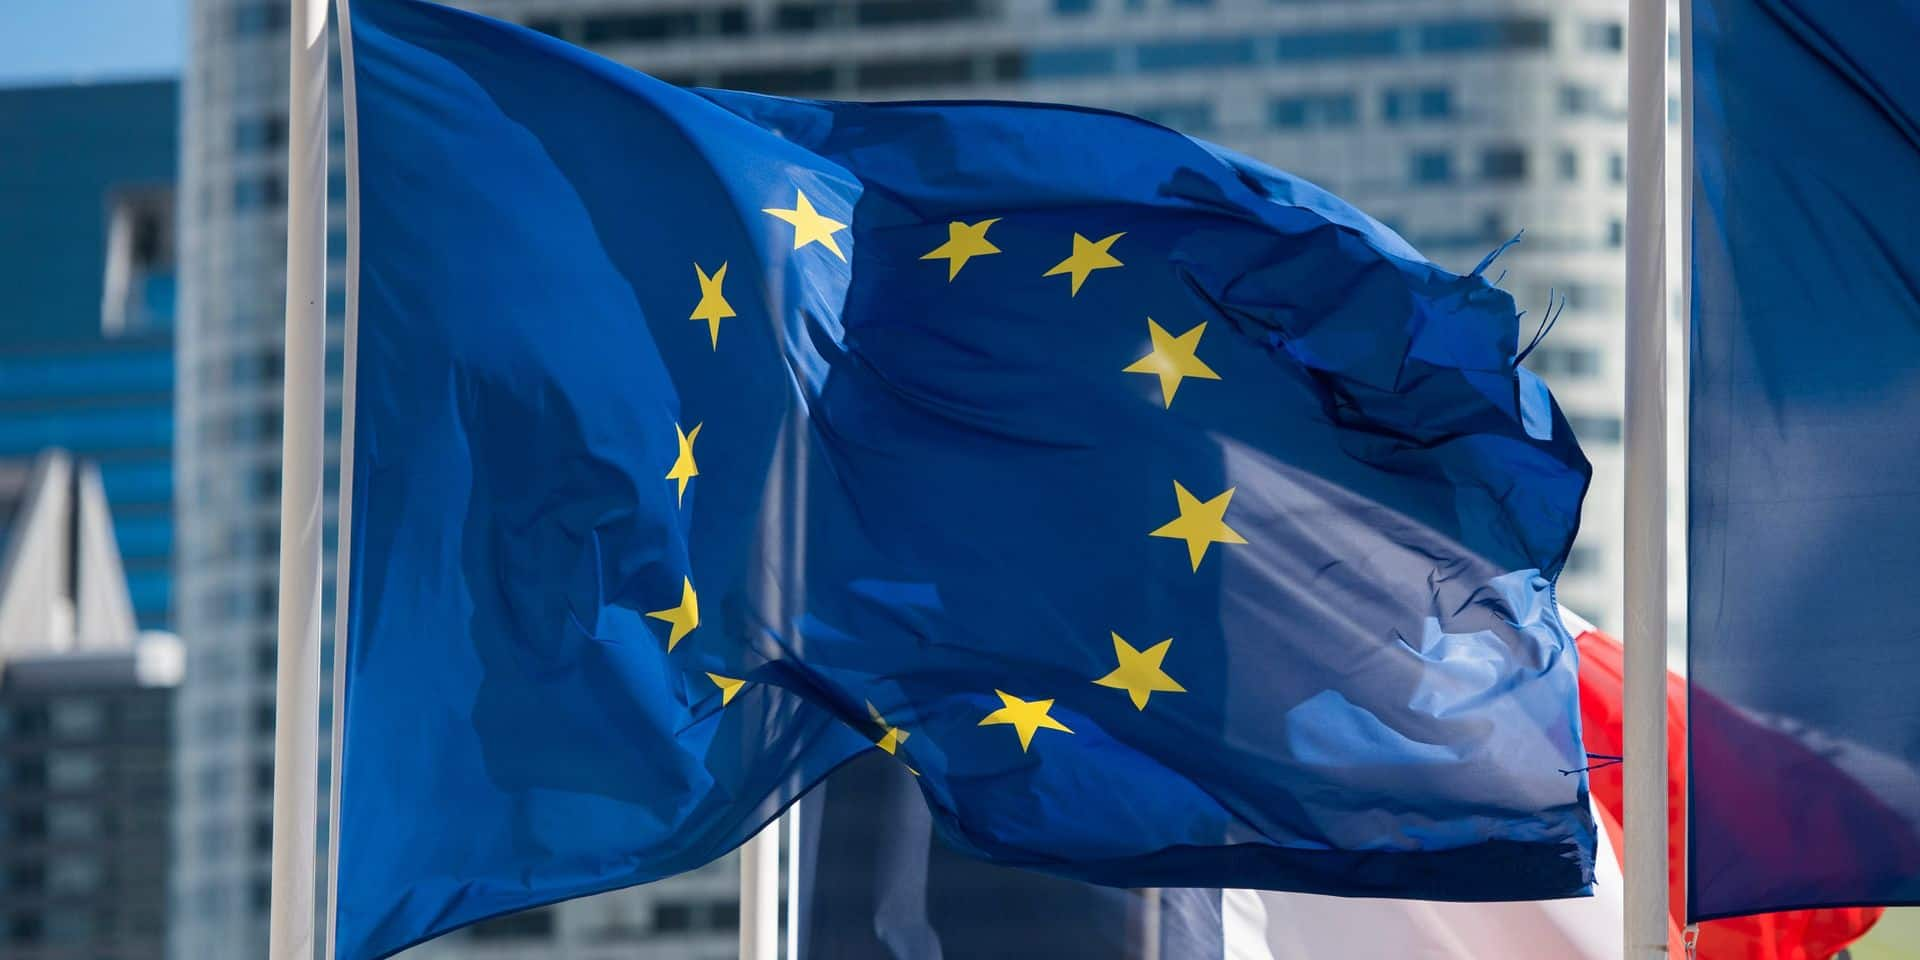 Utilisation des données à des fins publicitaires : l'Union européenne ouvre une enquête contre Facebook